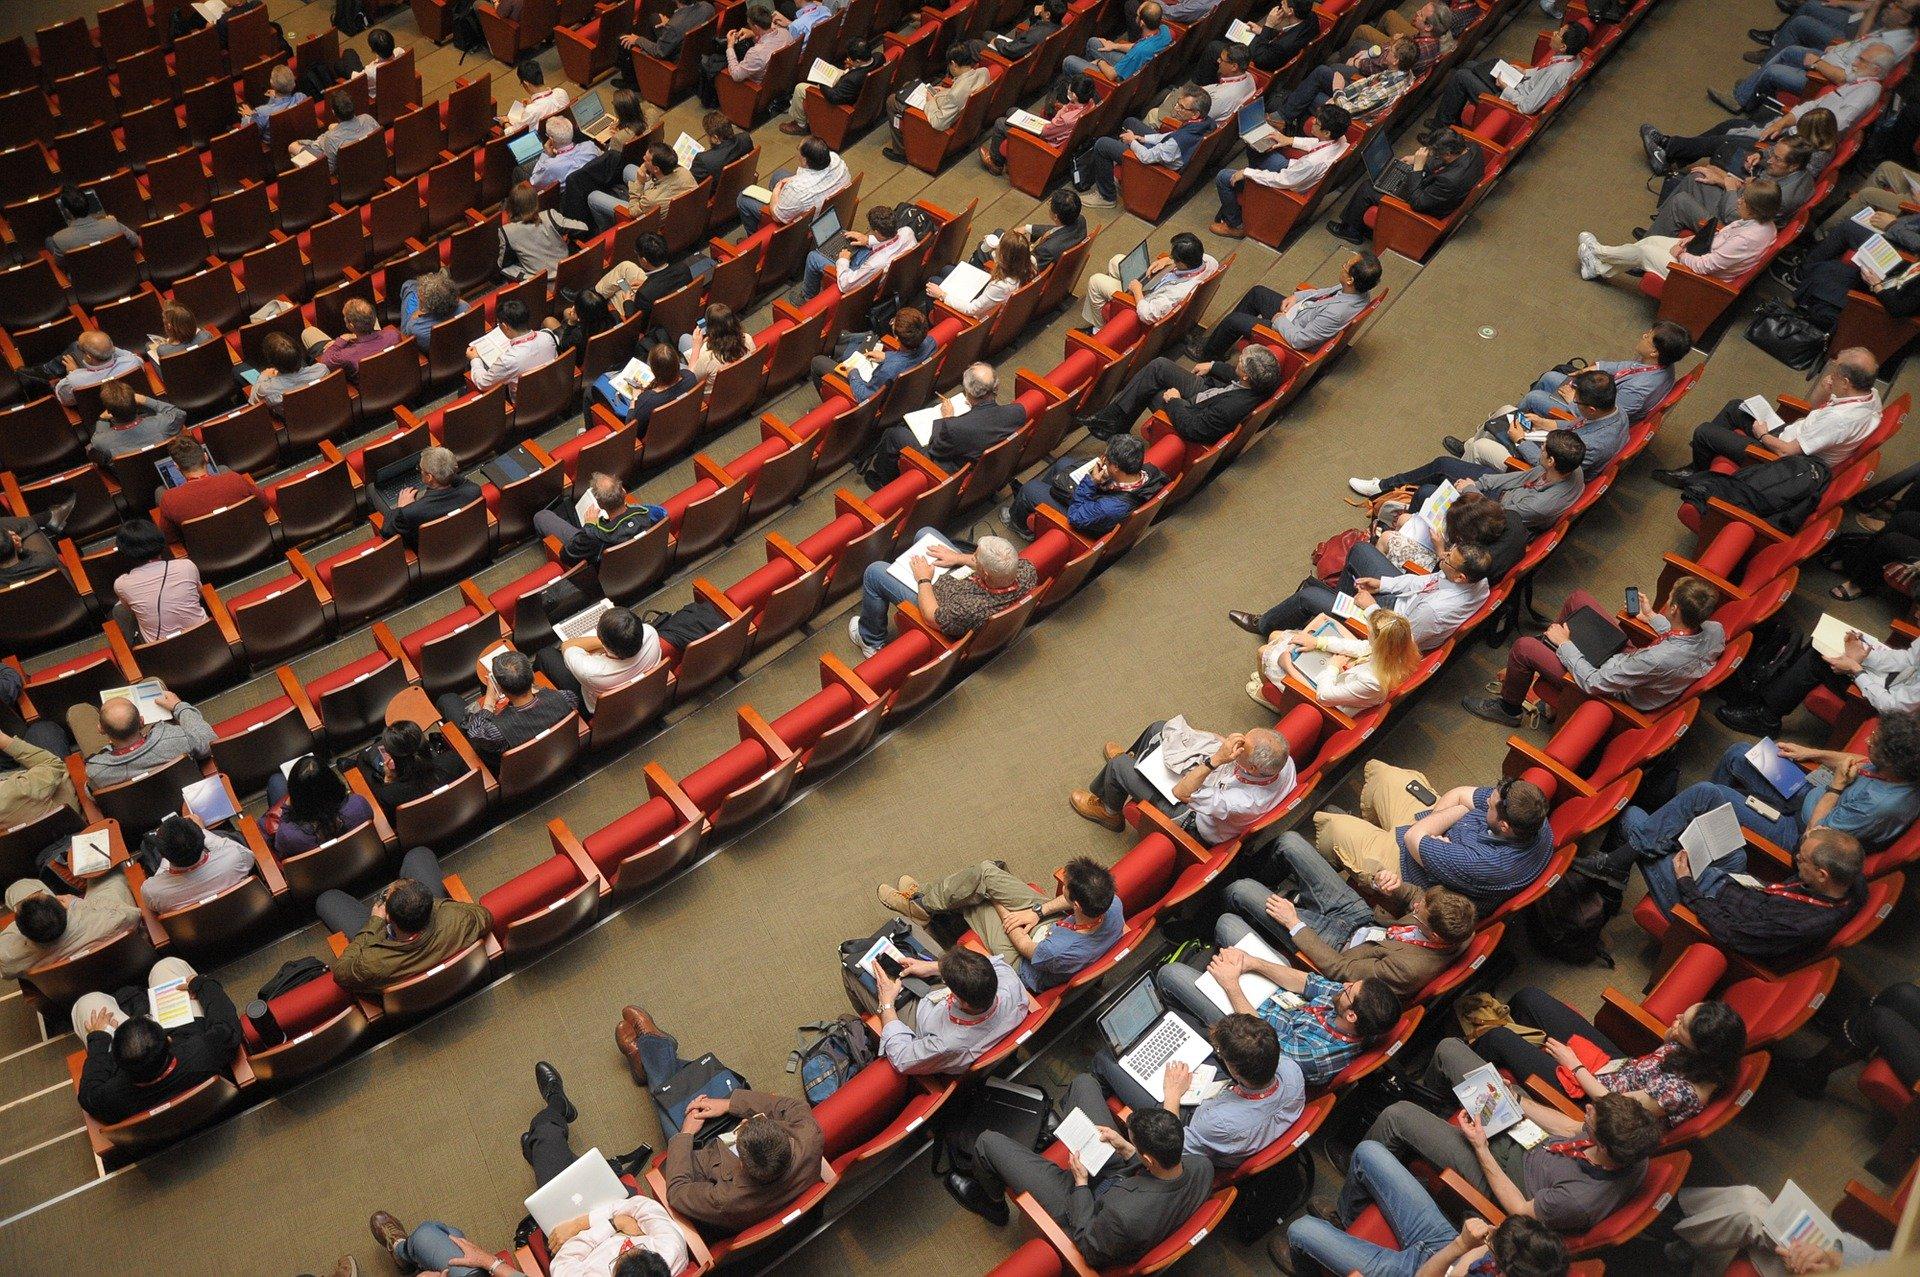 株主総会が開催されている大きな会場